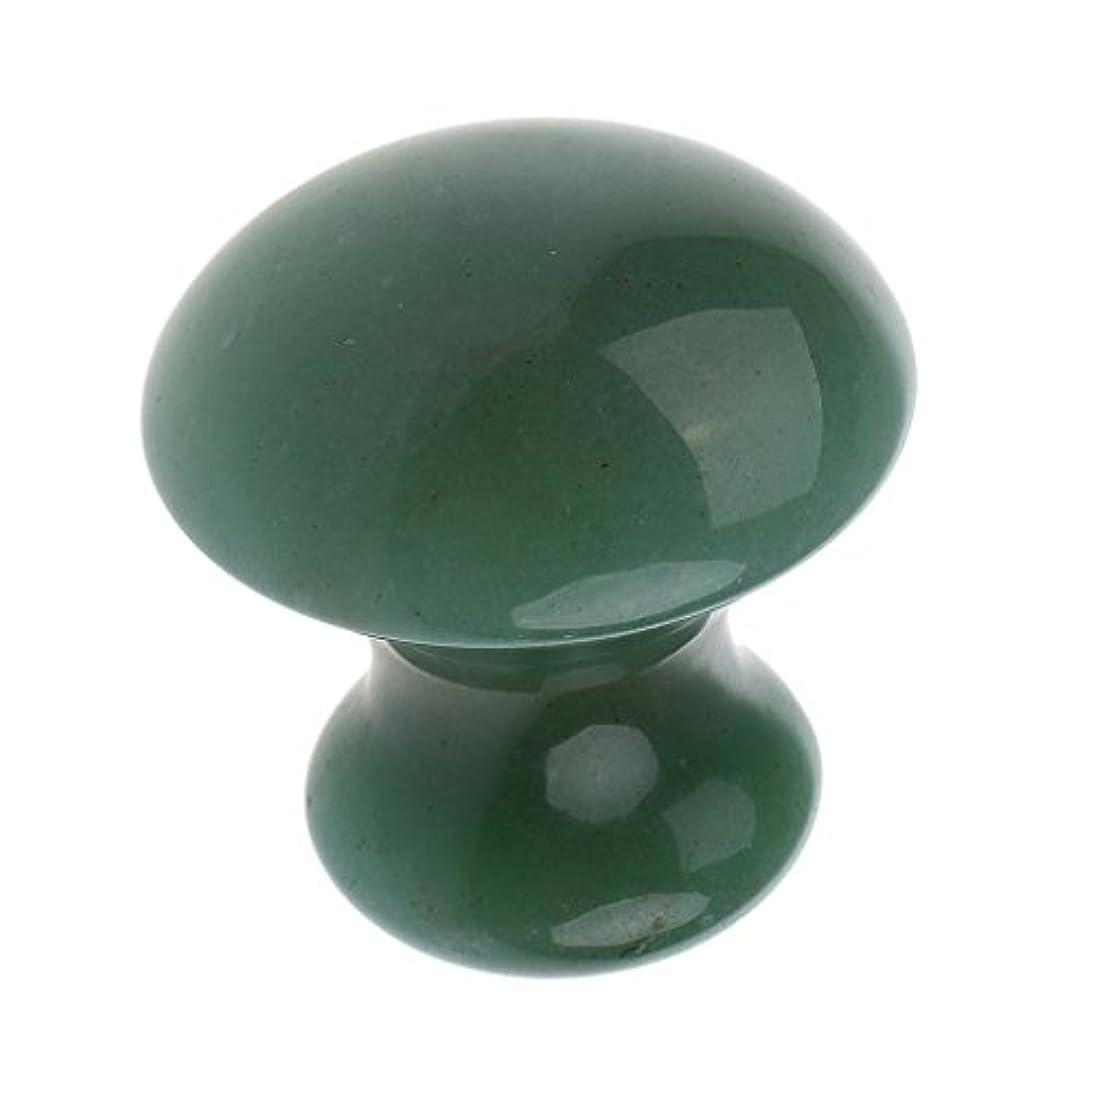 抵当呼びかけるマダムBaoblaze マッサージストーン マッシュルーム スパ SPA ストーン スキンケア リラックス 2色選べる - 緑